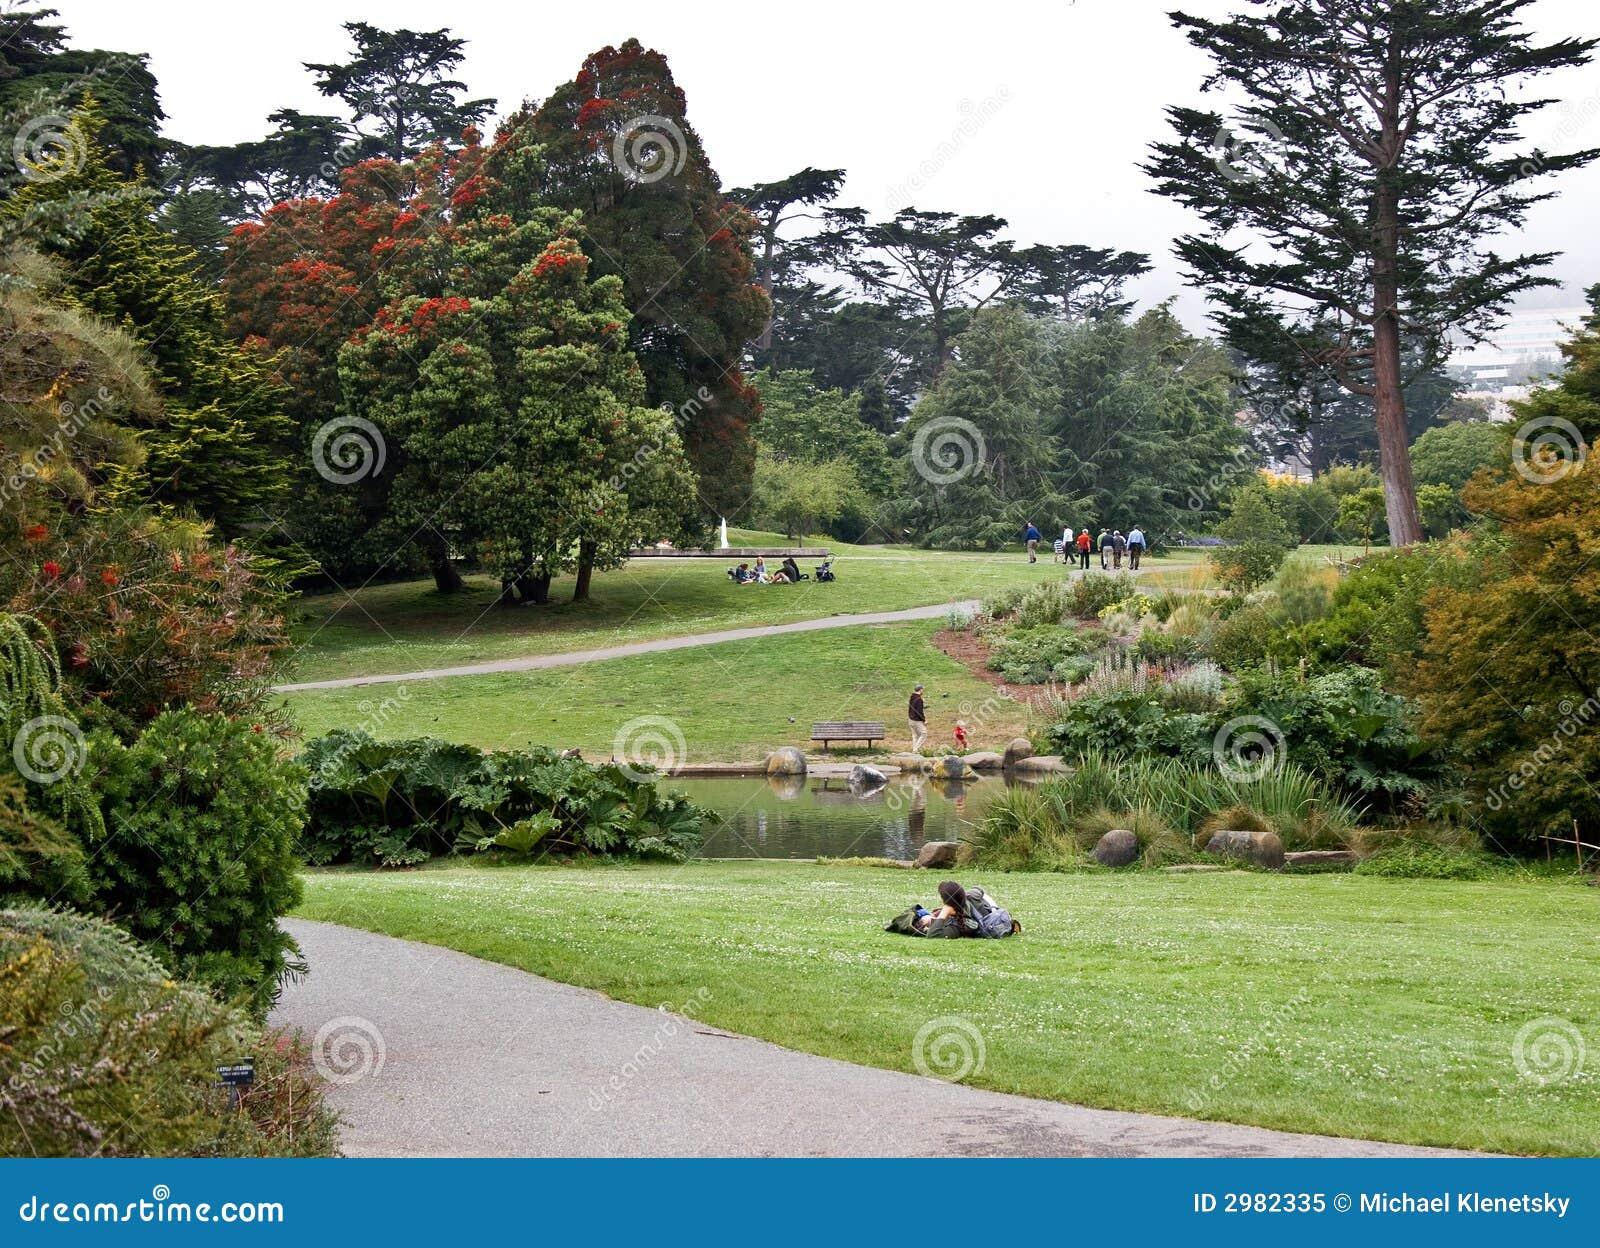 Botanical Gardens Royalty Free Stock Photo Image 2982335